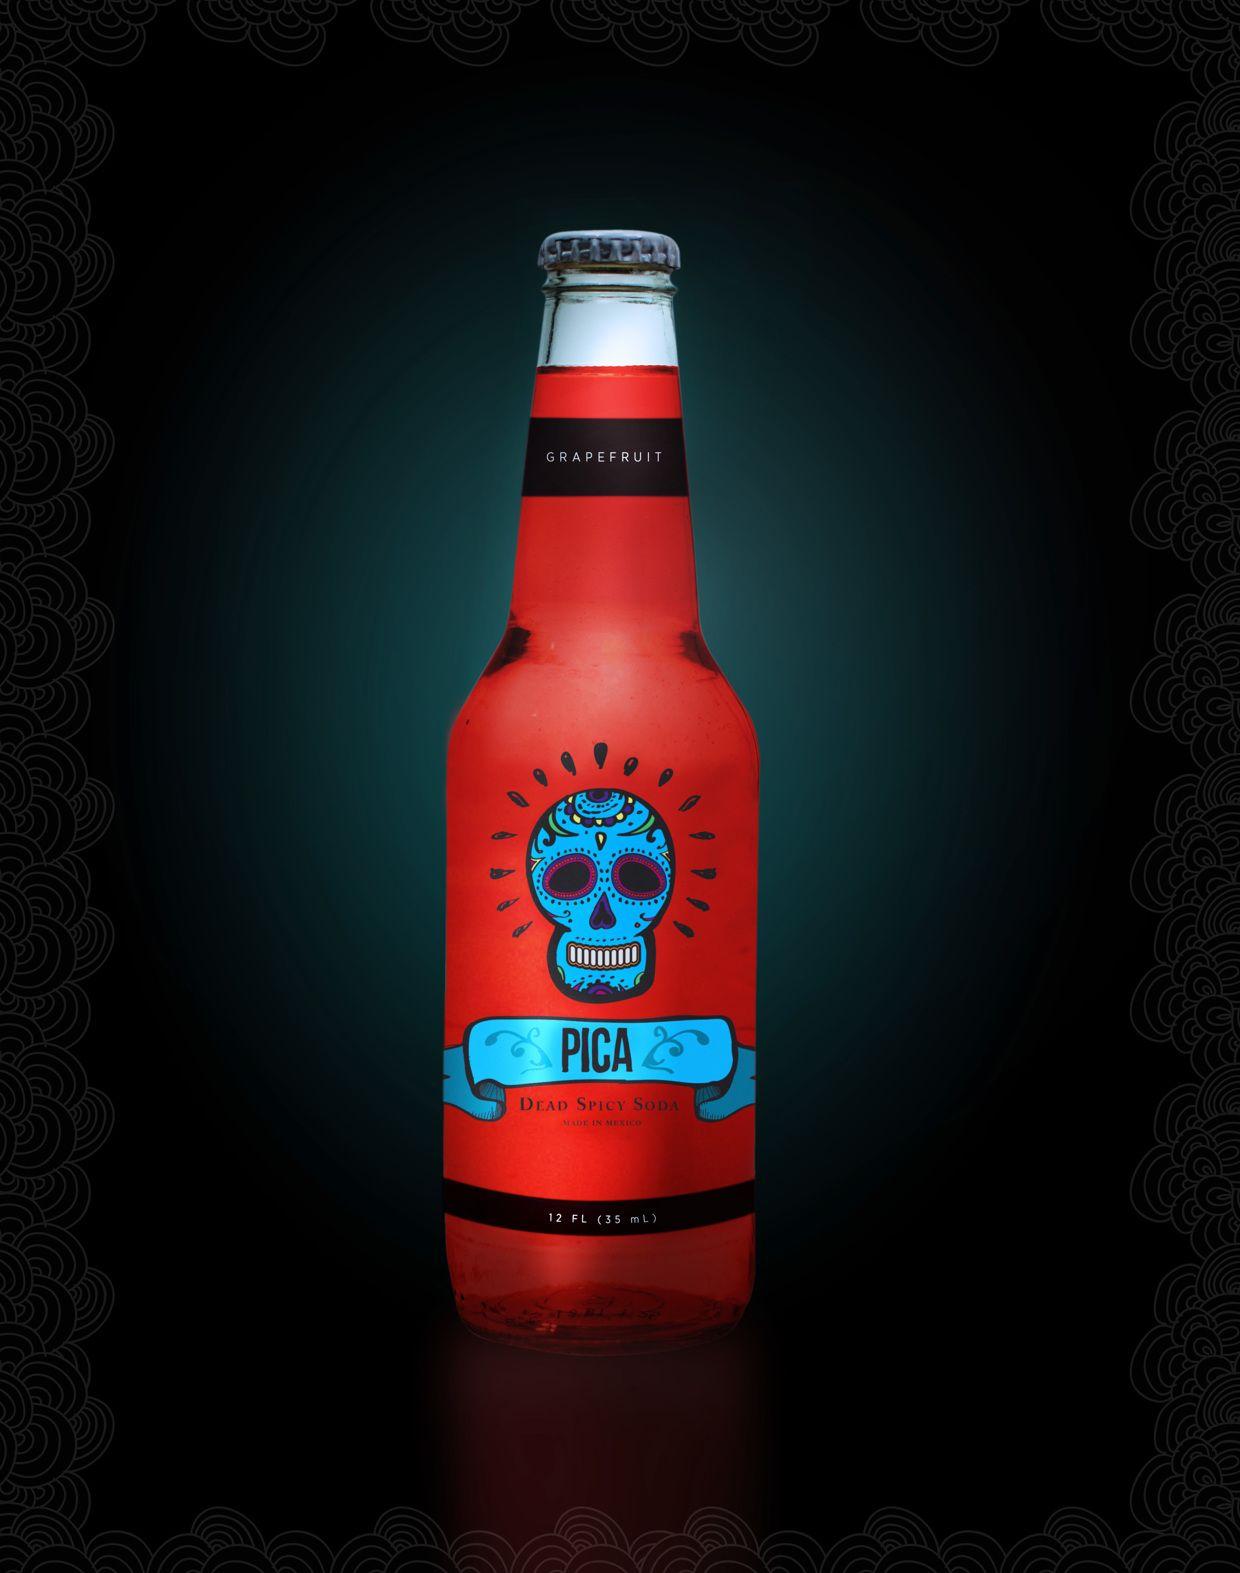 Dead Spicy Soda Wine Bottle Design Packaging Labels Design Food Packaging Design